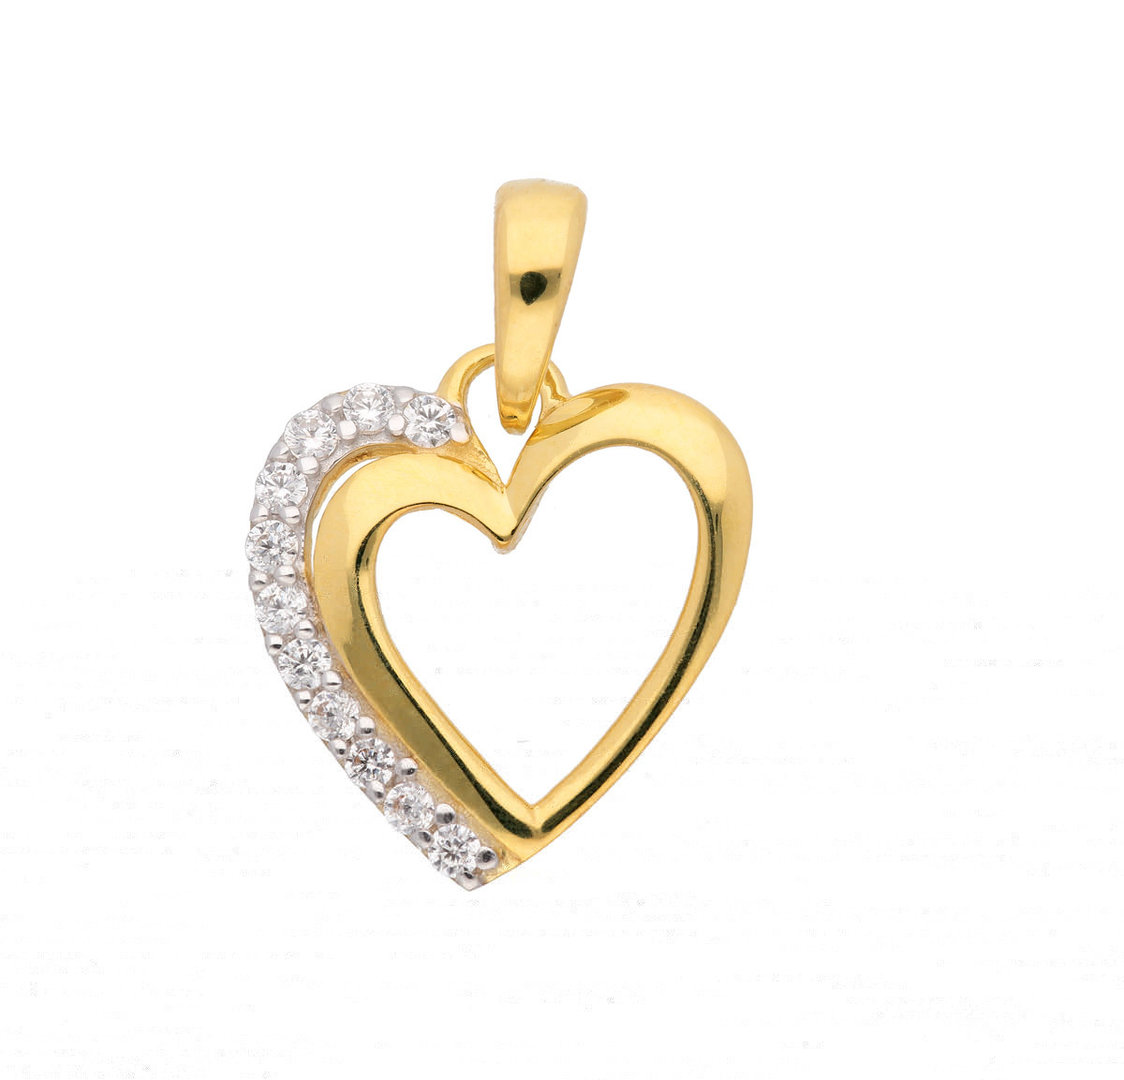 Herz Anhänger aus 333 Gold mit Zirkonia Steinchen - jetzt